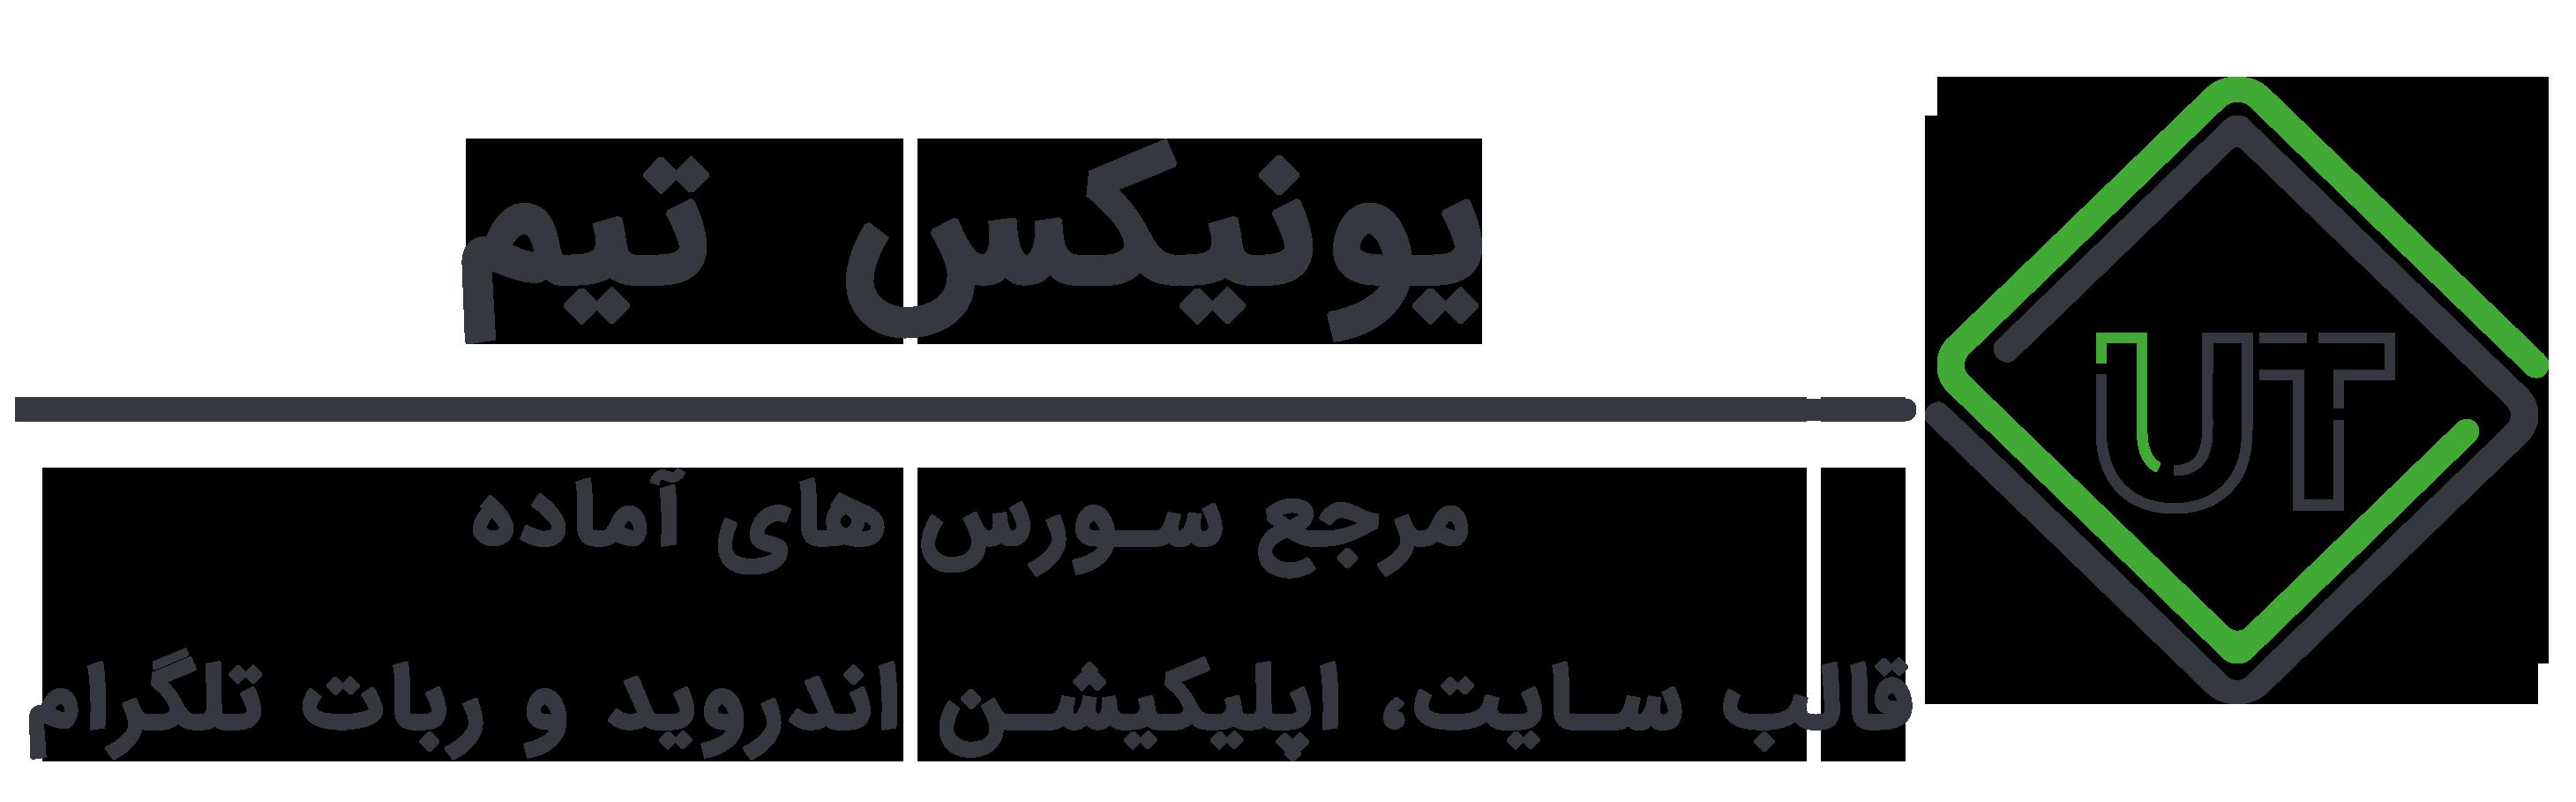 یونیکس تیم | Unix Team | بزرگترین مرجع سورس های آماده بدون کدنویسی